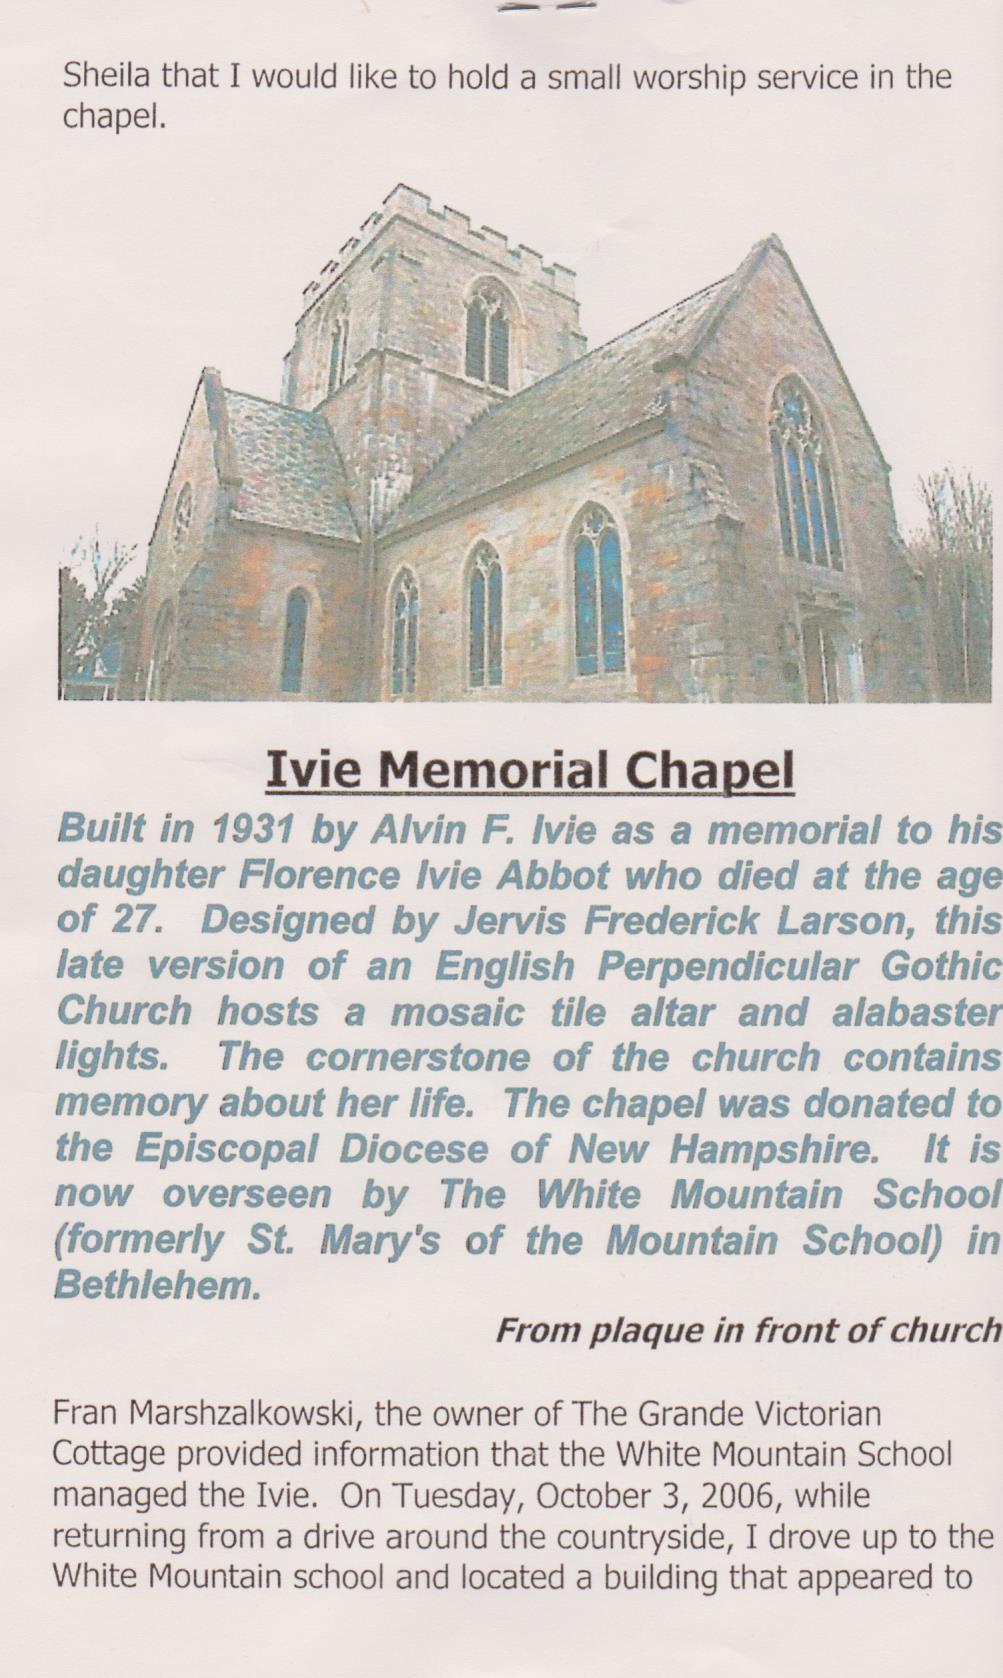 Ivie Memorial Chapel